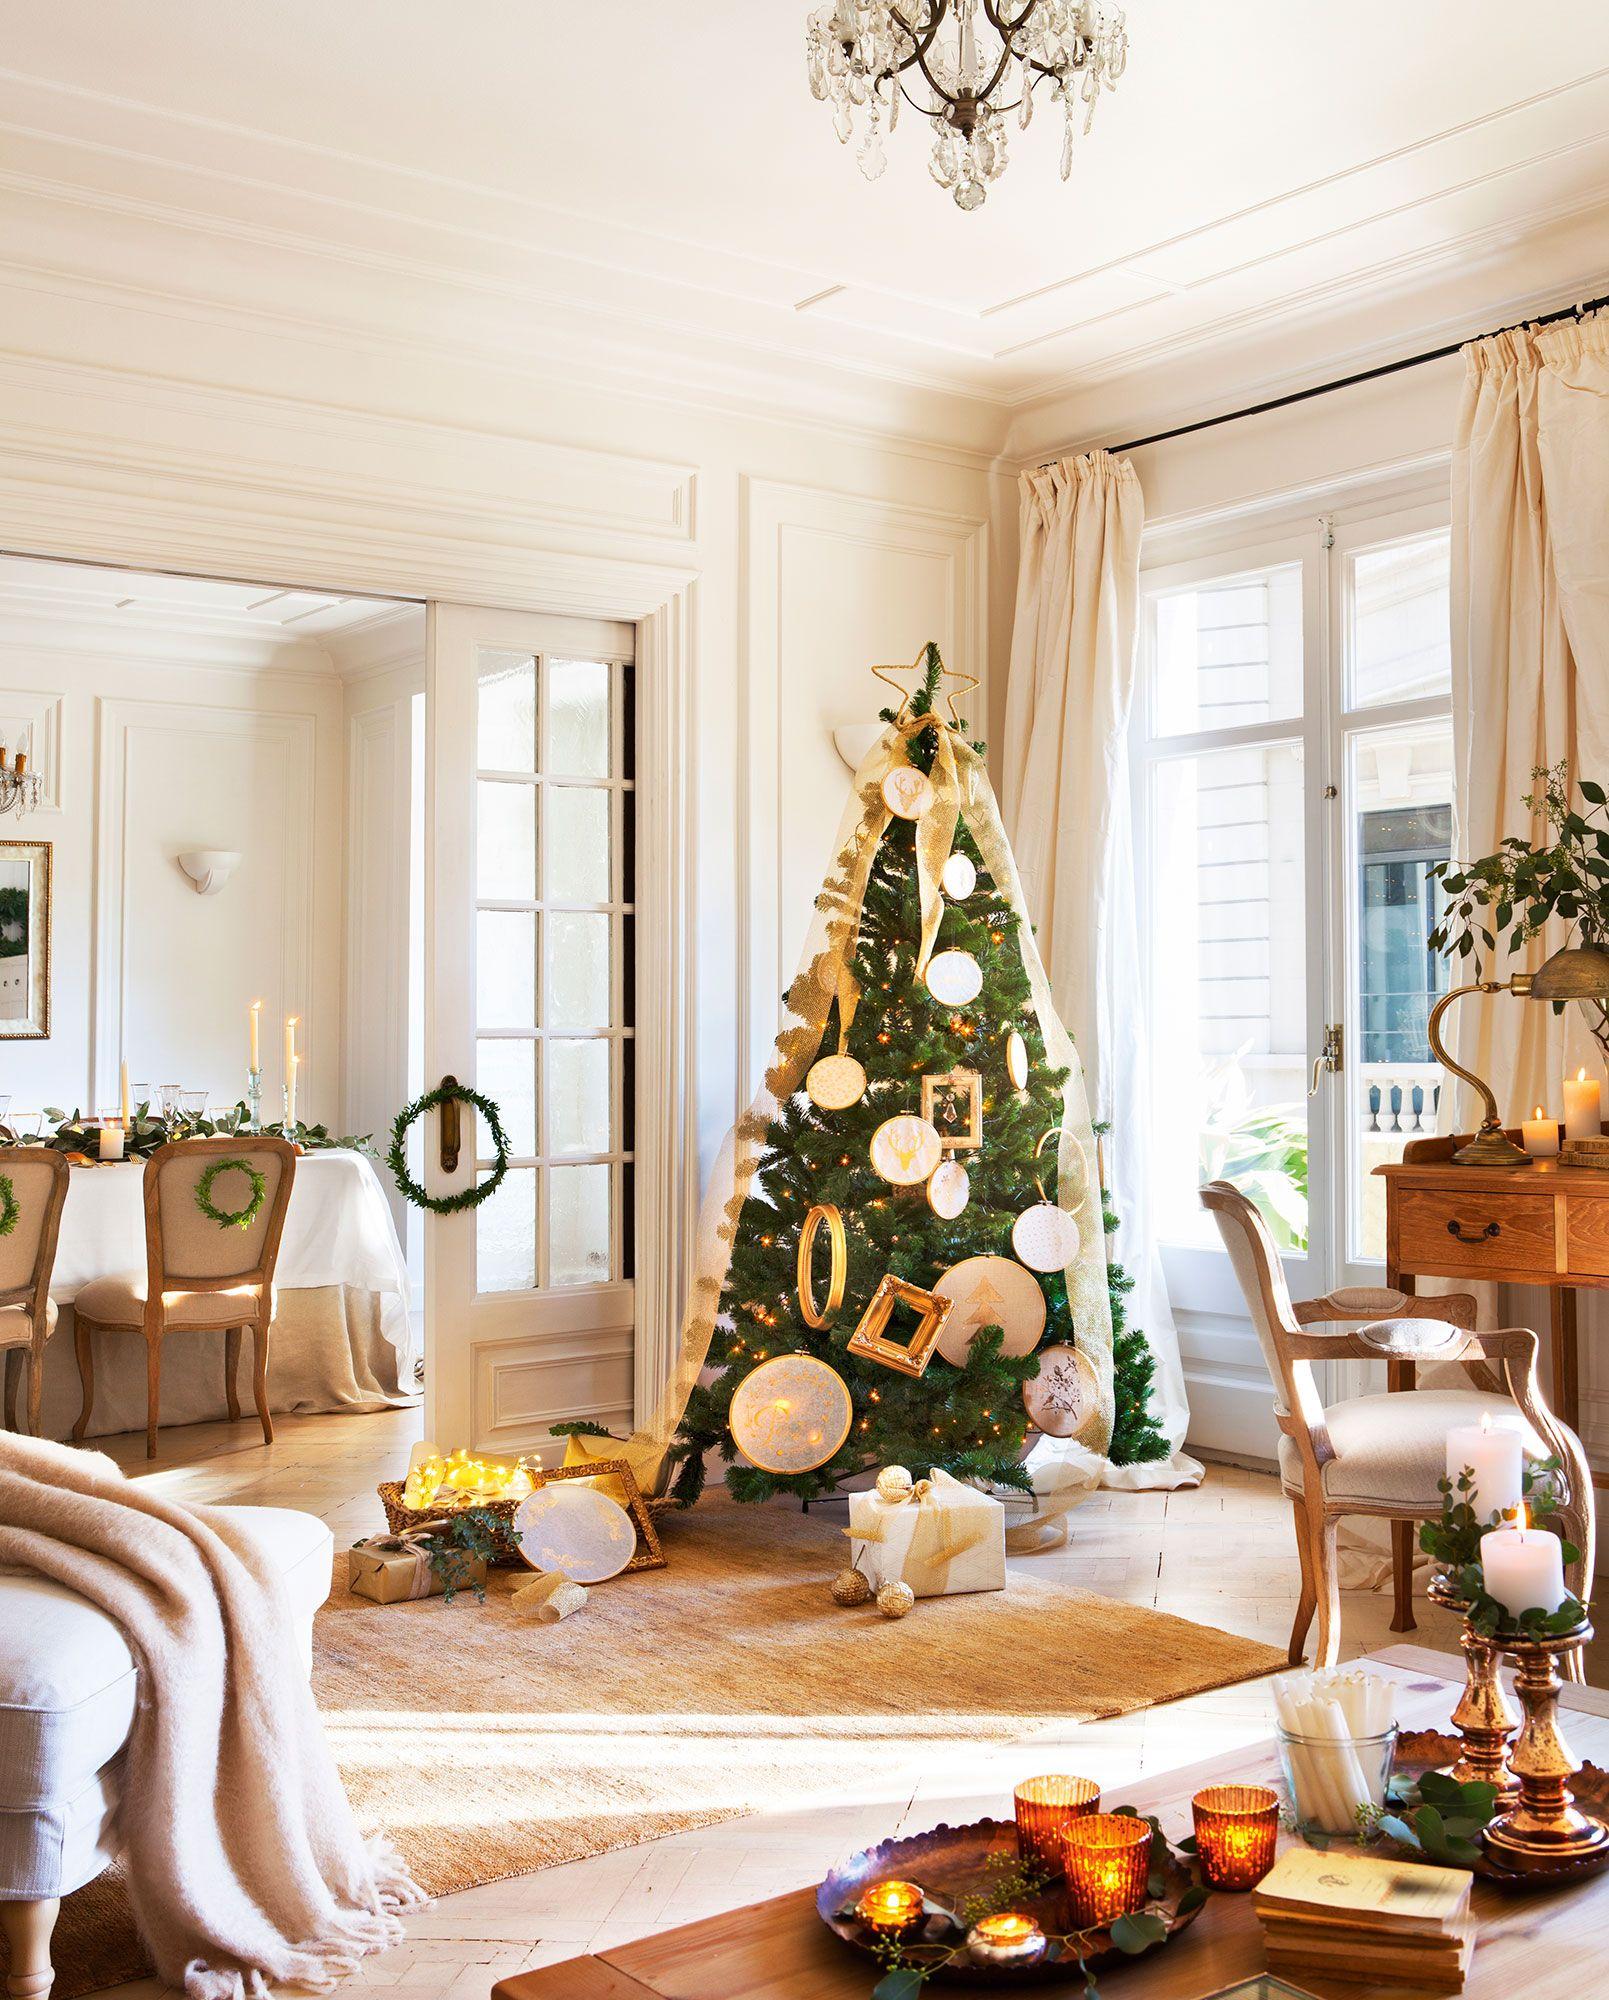 Navidad 15 ideas para decorar de fiesta tu casa rboles - Ideas para una fiesta de navidad ...